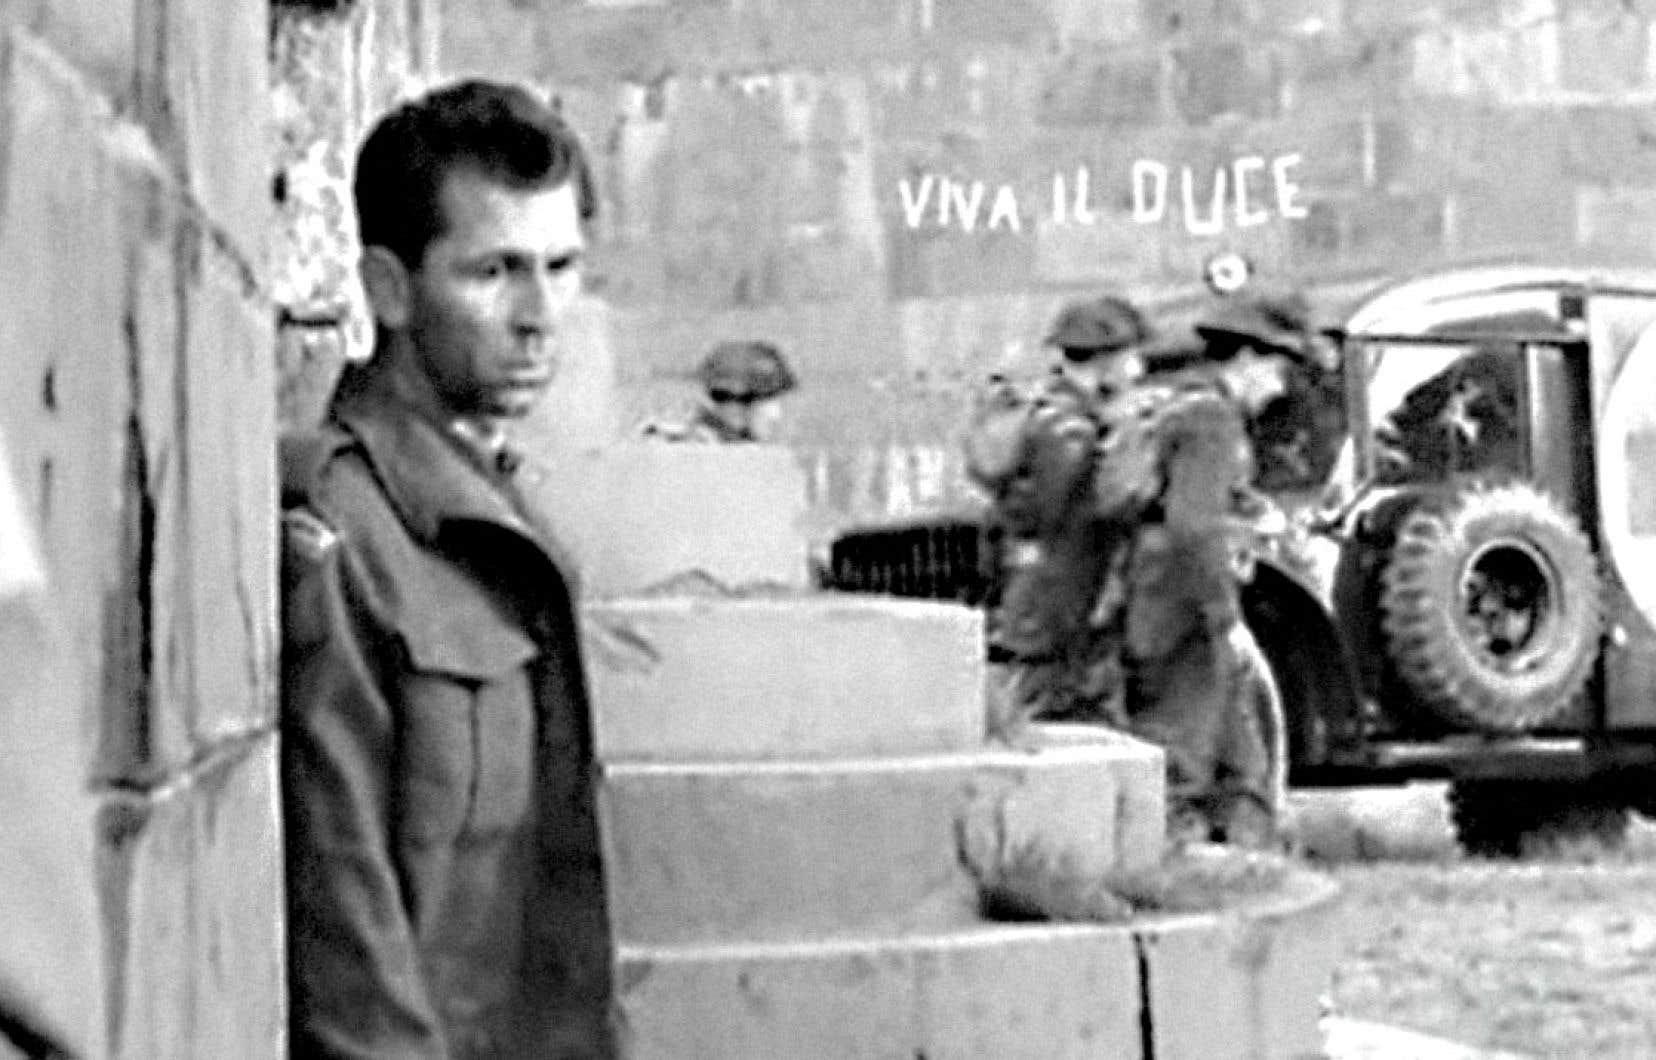 En 1943, parmi les soldats du Royal 22e Régiment, Marcel (Aimé Major, sur qui le film repose) participe à la campagne d'Italie, dont l'objectif est de faire reculer les troupes allemandes, du sud vers le nord.